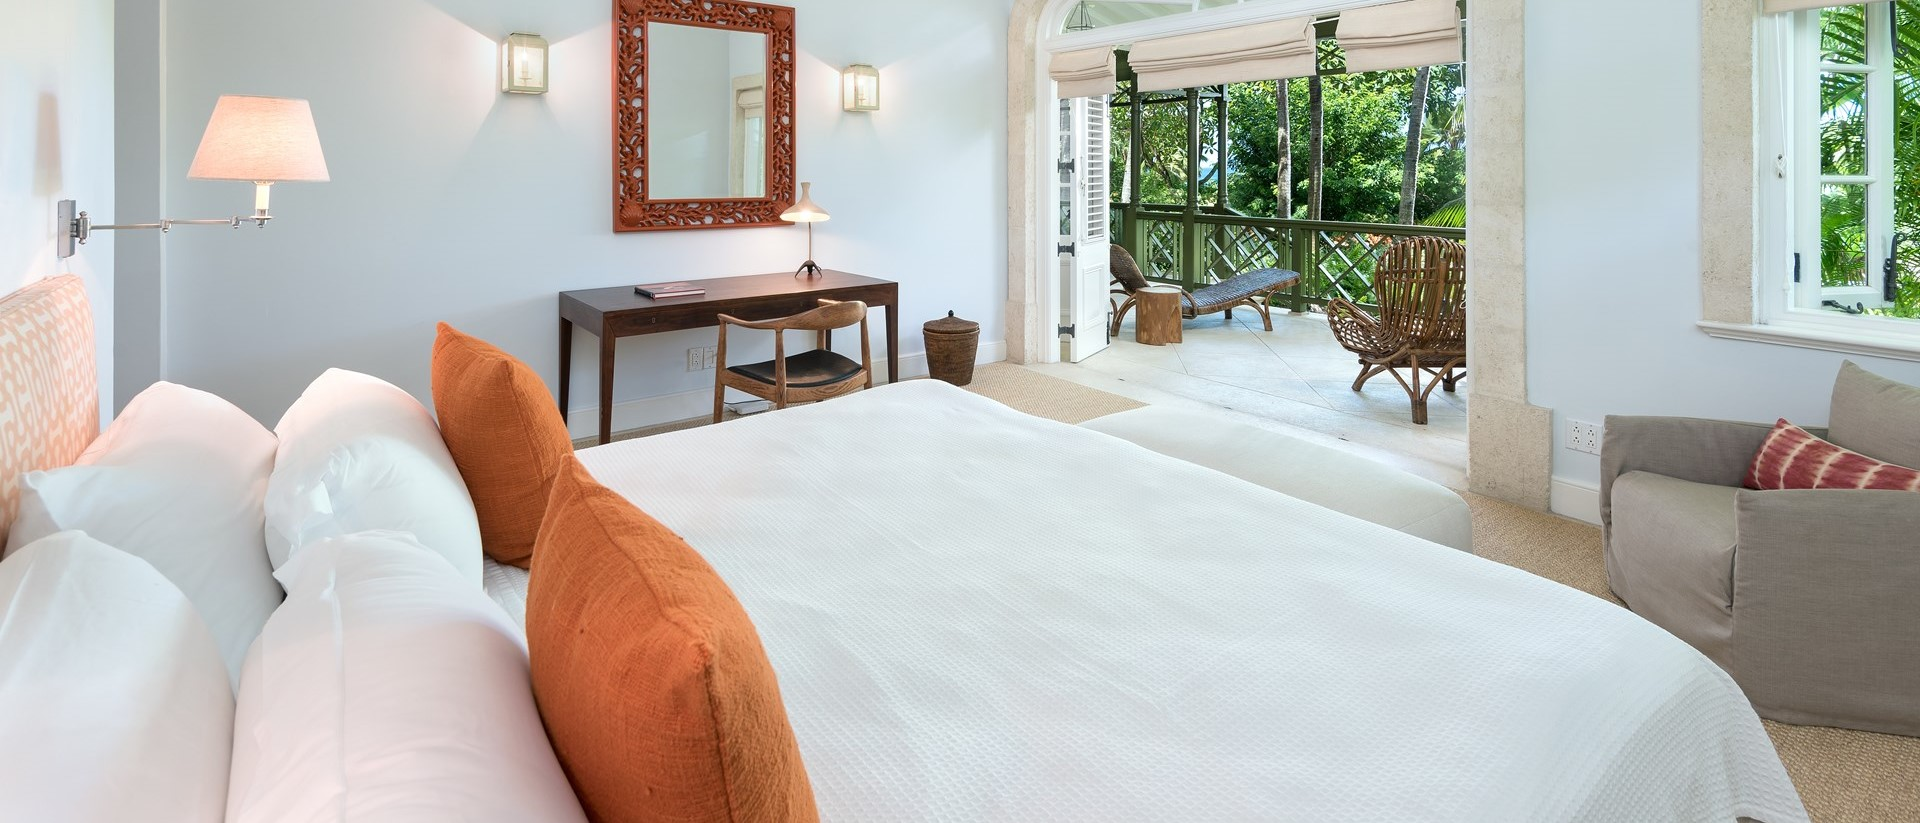 villa-gardenia-barbados-double-bedroom-3